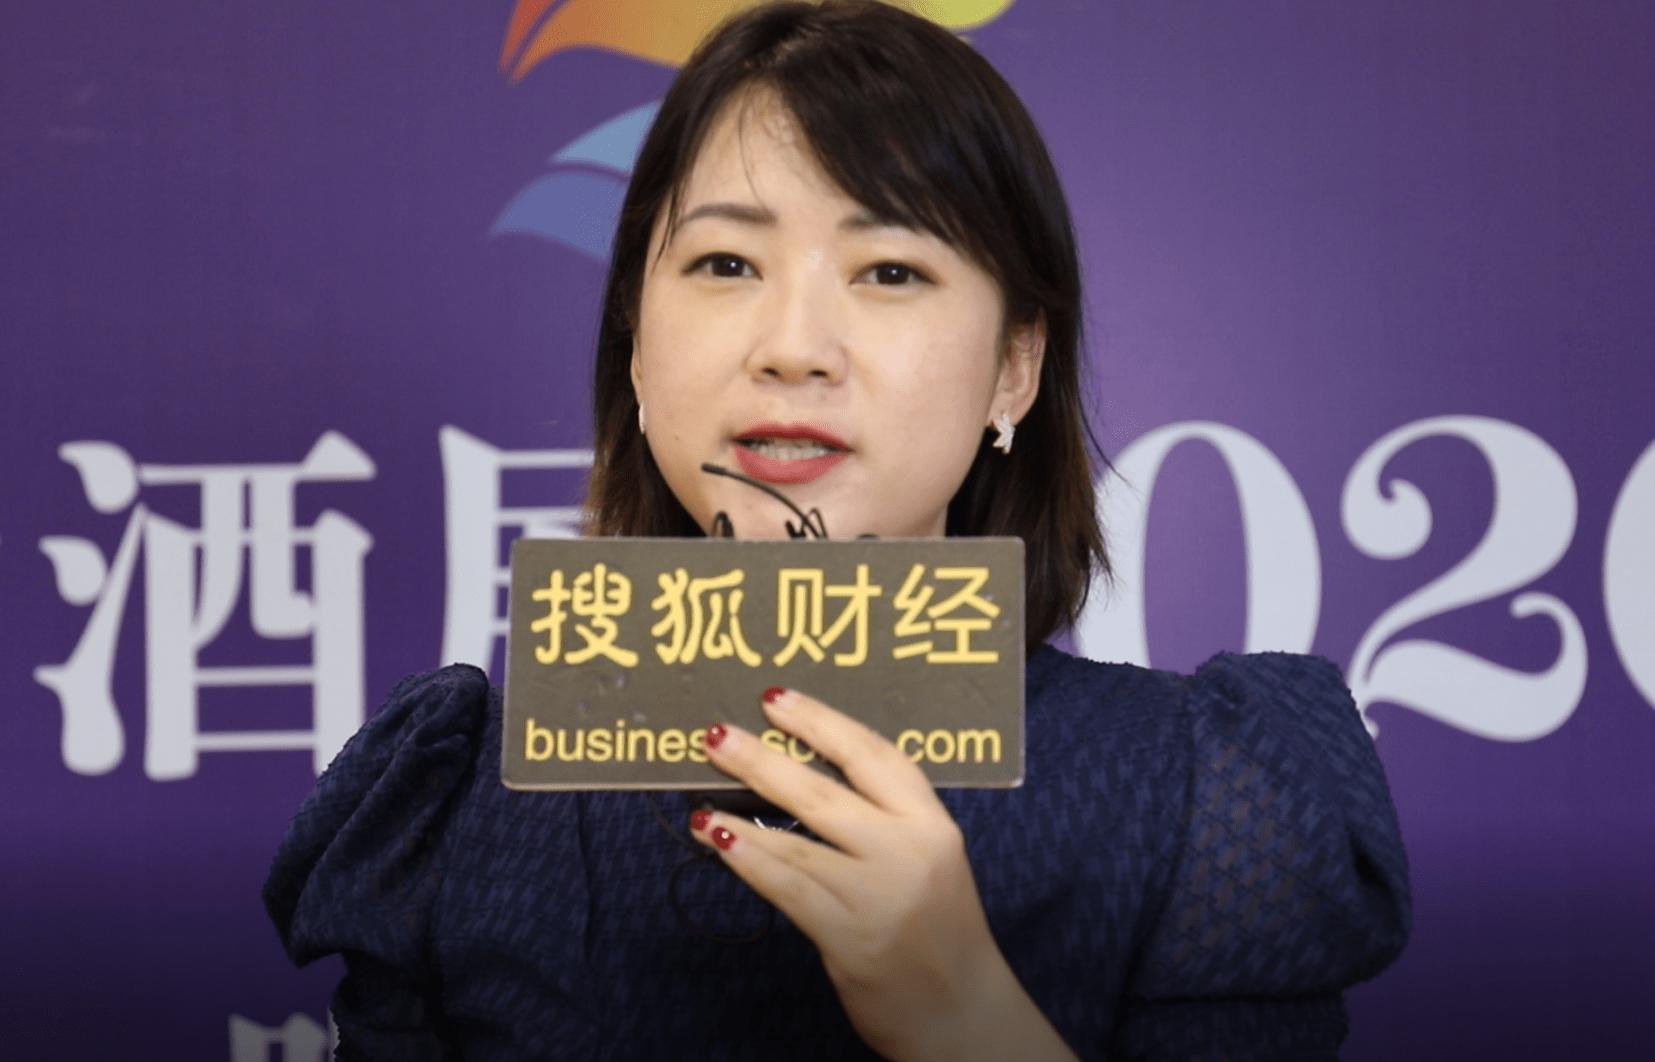 专访|美团点评商业化市场总经理吴荻:大数据赋能酒业品牌打造、文化传承